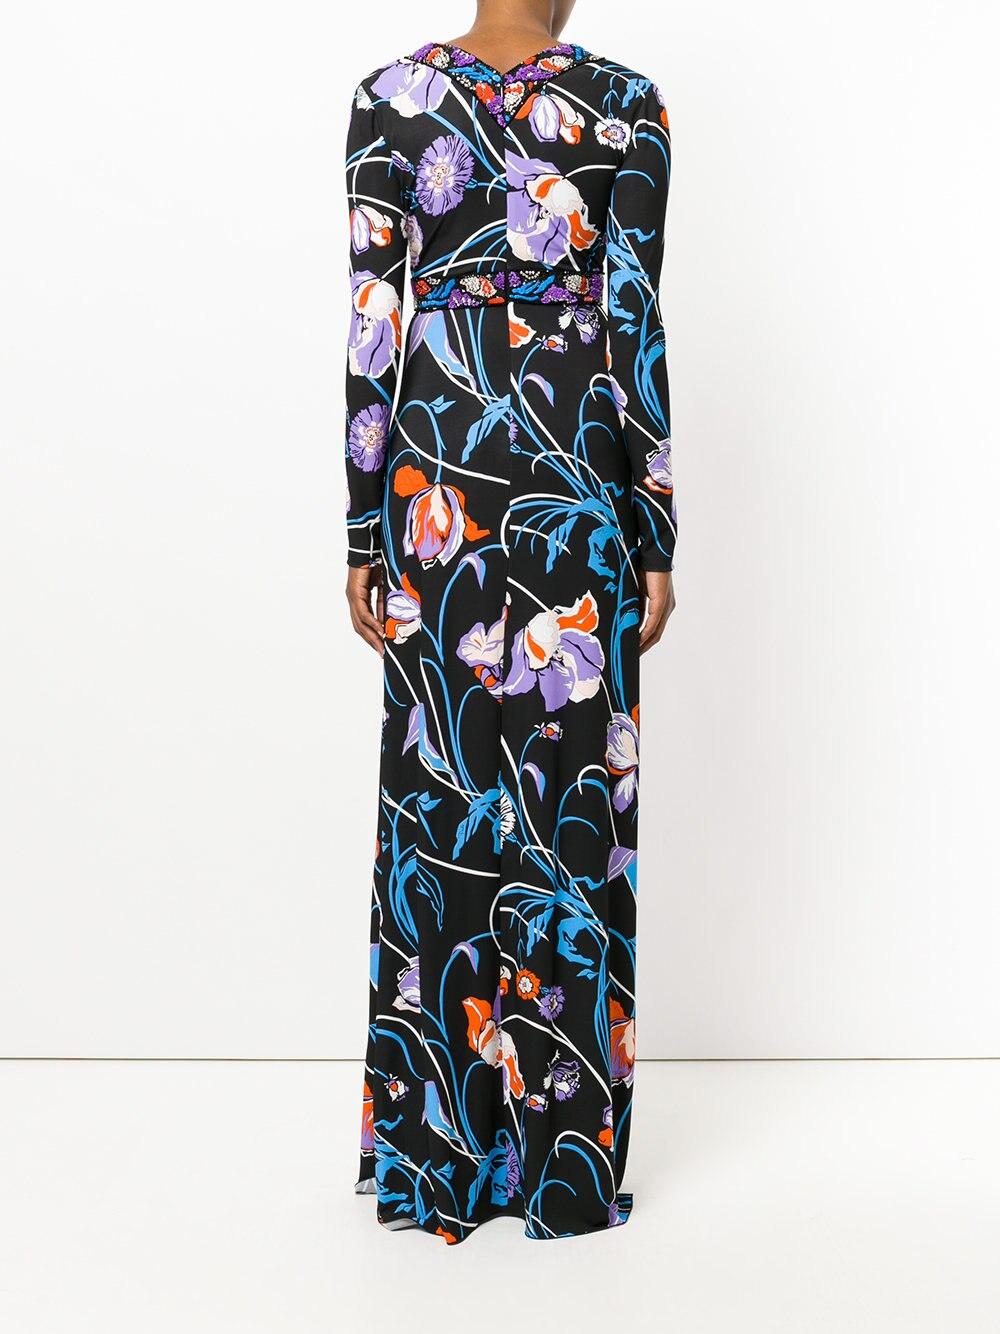 Femme Spandex Nouveau Longues 2018 Xxl Géométrie Luxe Imprimé De À Jersey Robe Manches Soie Concepteur Extensible Spring Maxi 1qq6n8RX